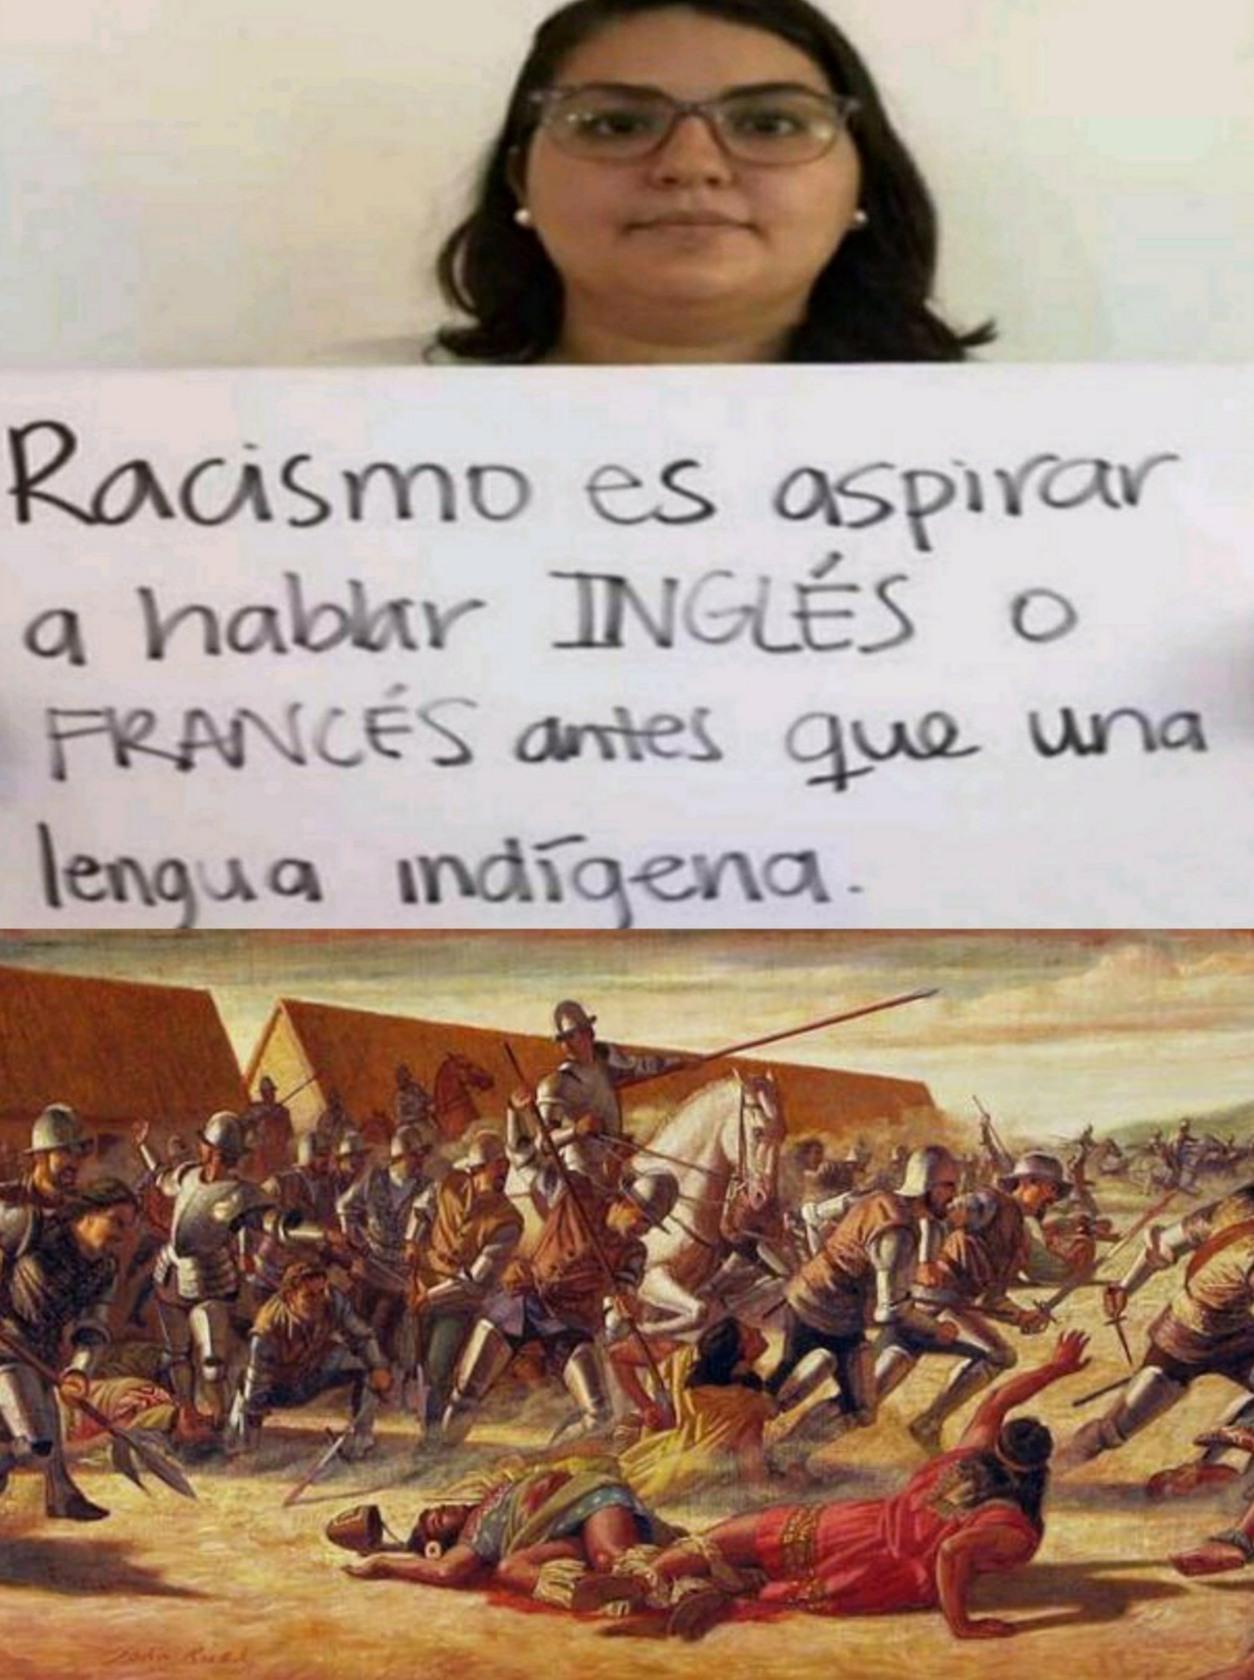 La conquista del Peru - meme